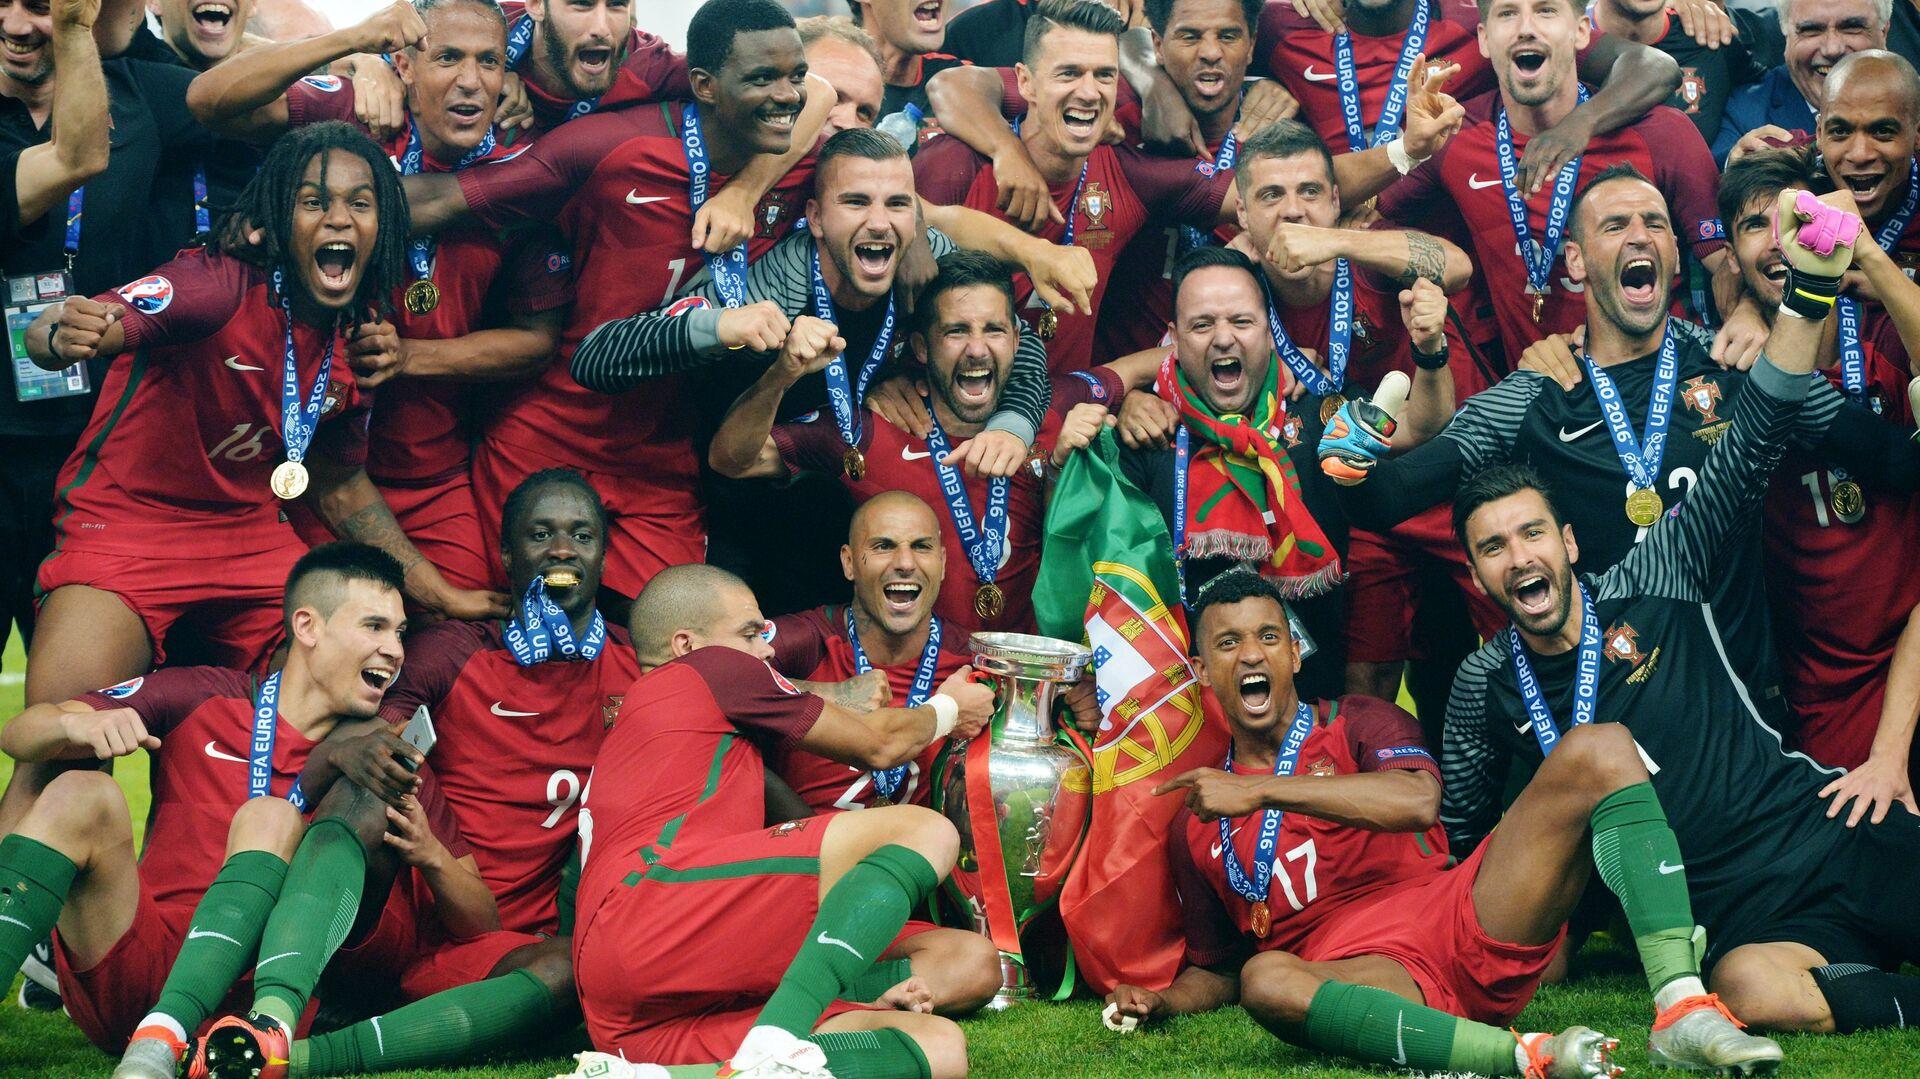 Игроки сборной Португалии на церемонии награждения чемпионата Европы по футболу - 2016 после финального матча между сборными командами Португалии и Франции - РИА Новости, 1920, 11.12.2019